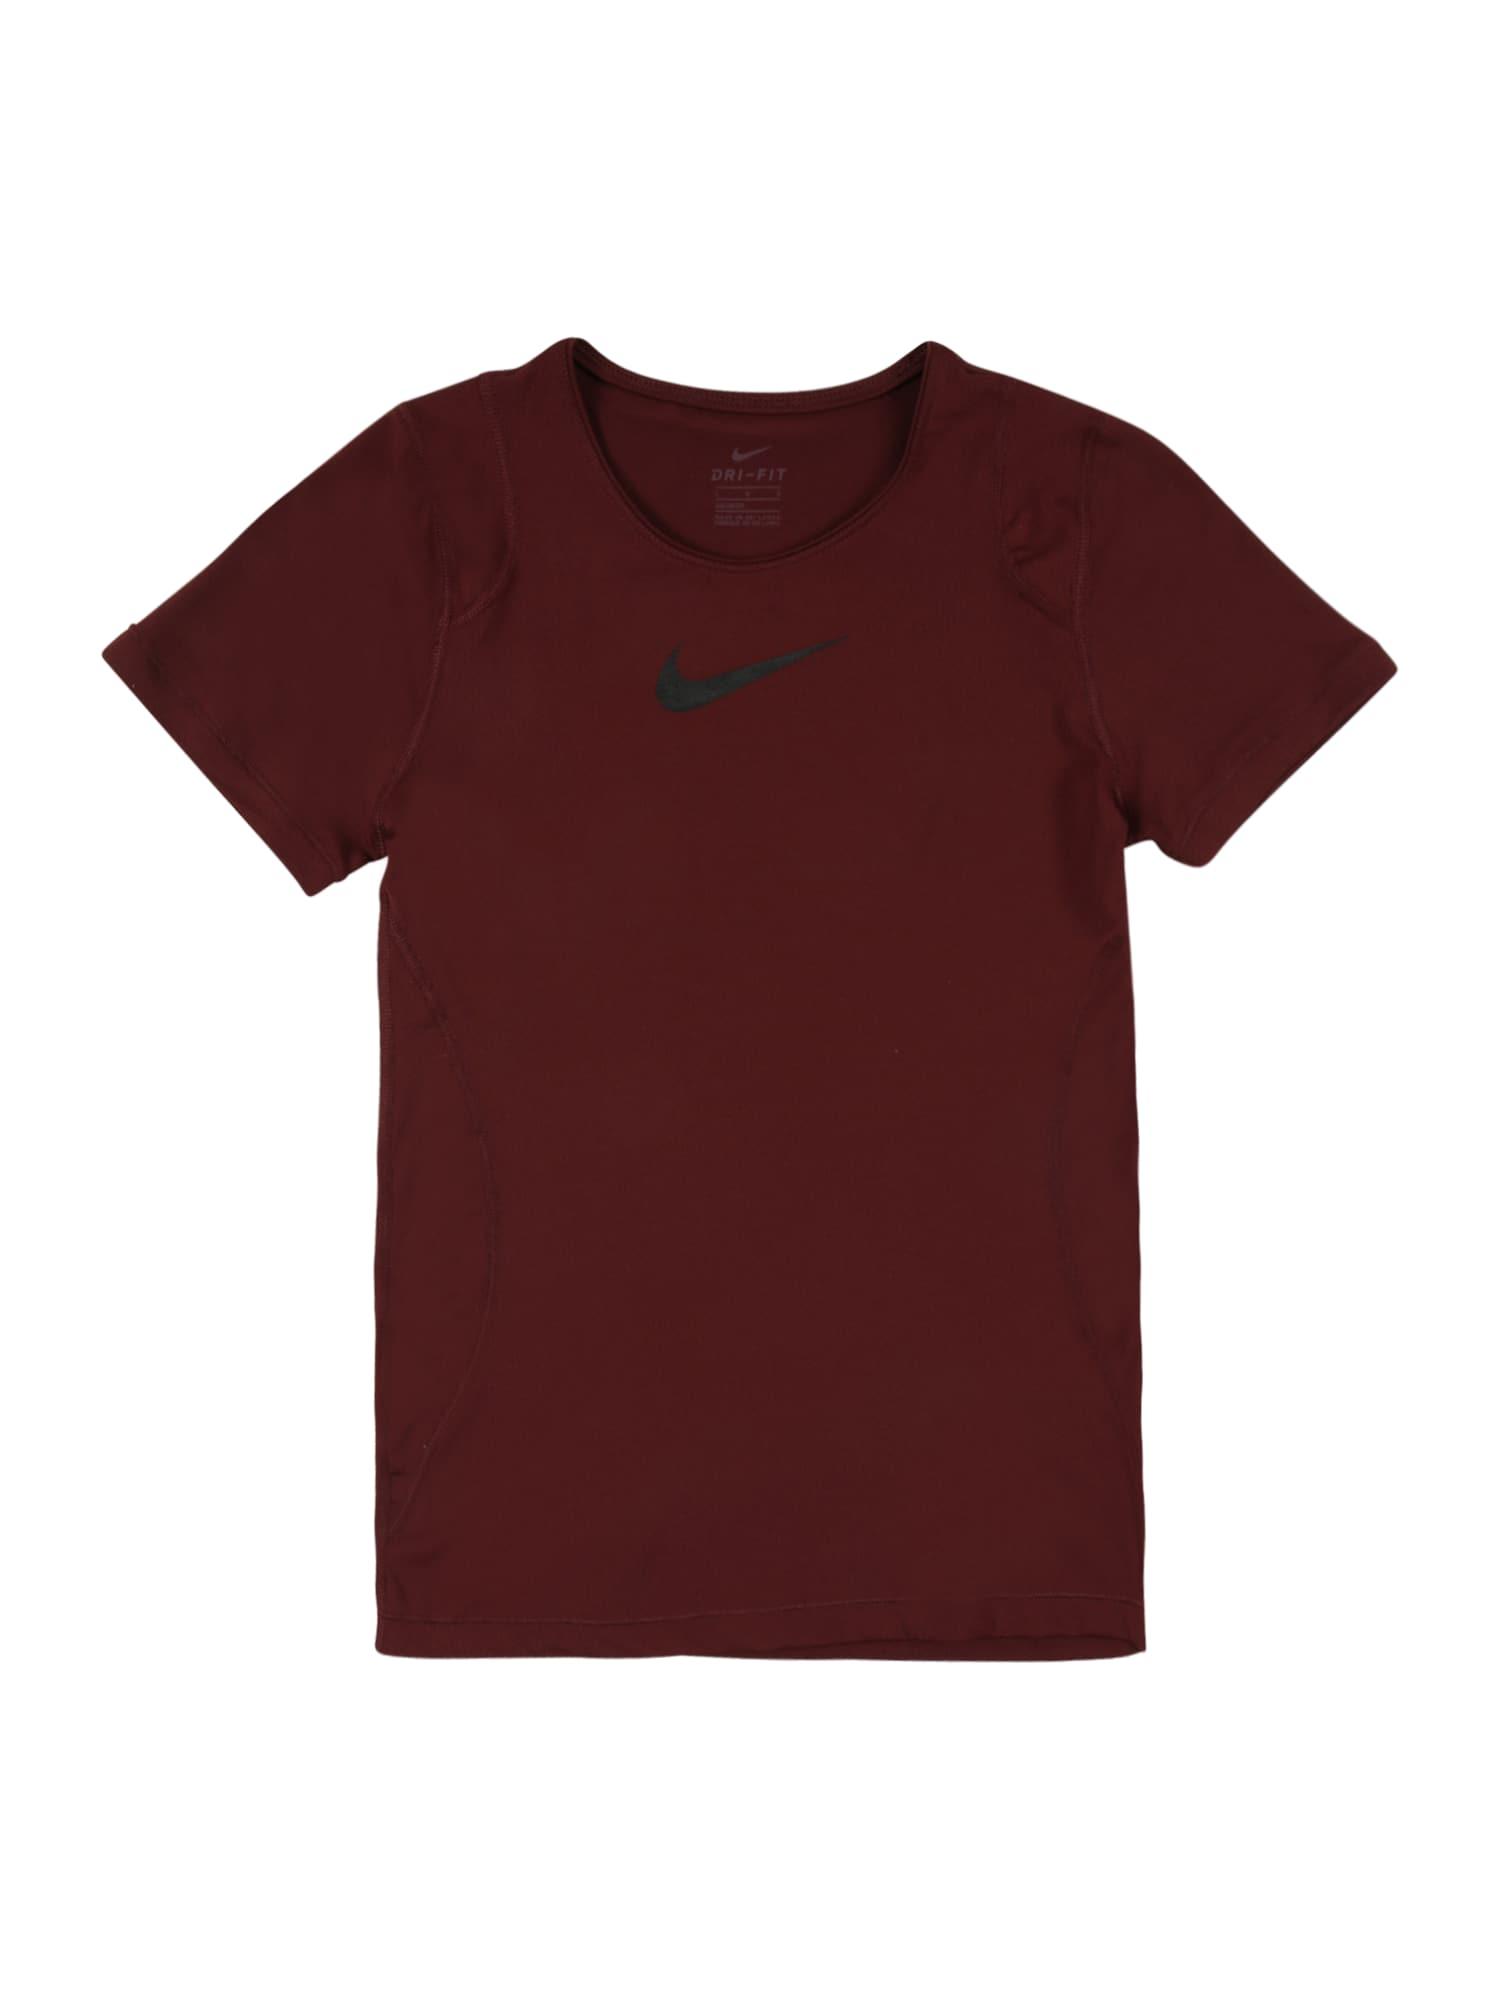 NIKE Sportiniai marškinėliai vyno raudona spalva / juoda